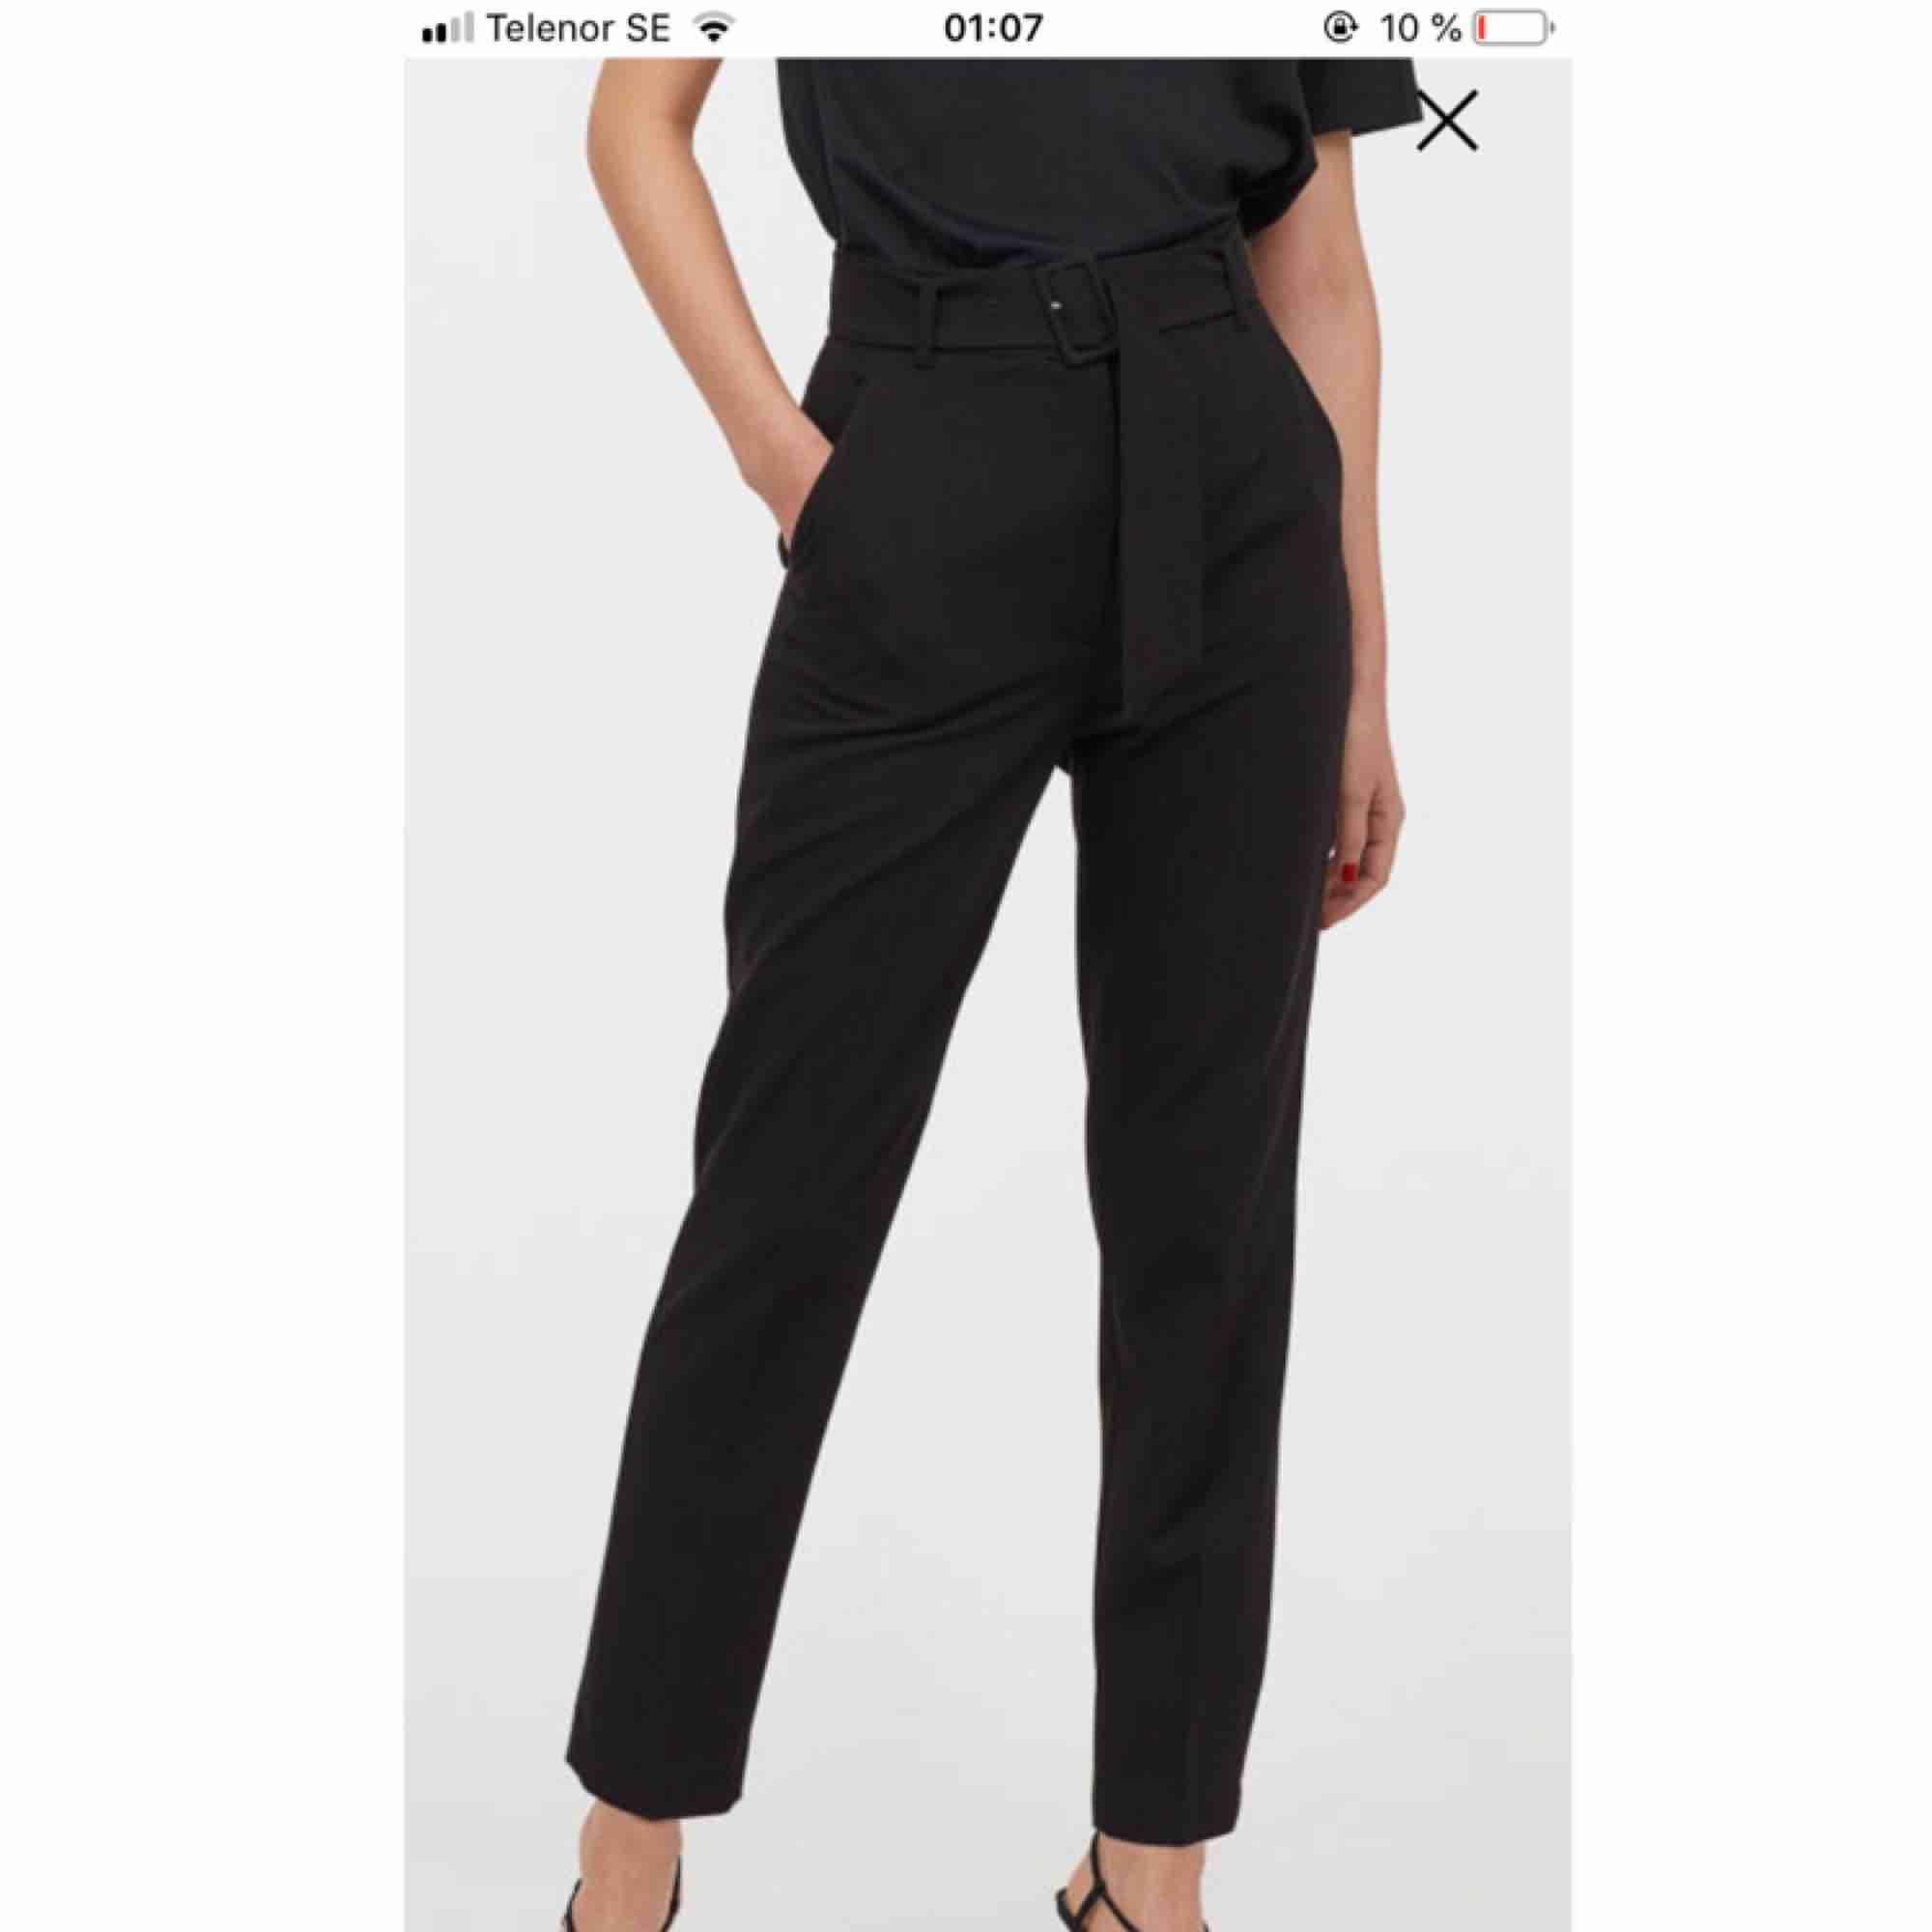 Super fina nya kostymbyxor från hm! Köptes nygligen & är slutsålda nu på hm! Dom är helt ny! Endast testade! Råkade ta bort lappen, så kan ej göra retur i butik så säljs här istället 👌🏽. Jeans & Byxor.